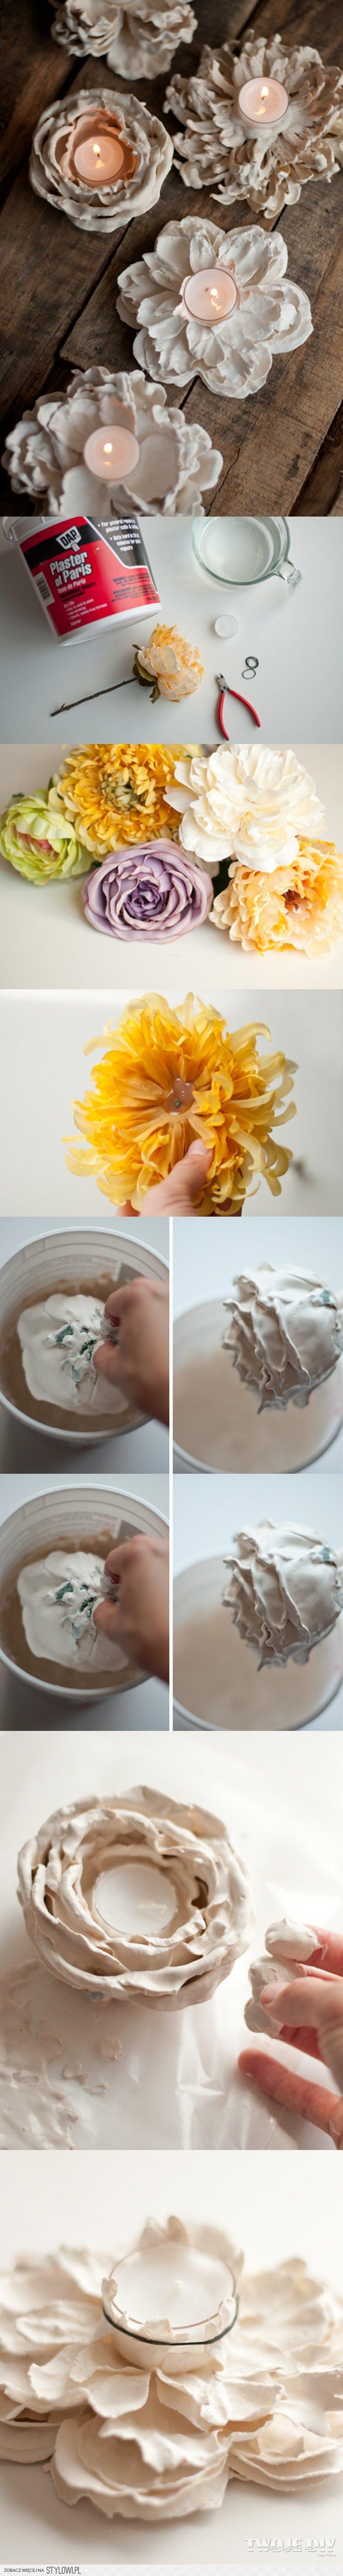 Diy romantic plaster dipped flower votives i canut believe how easy